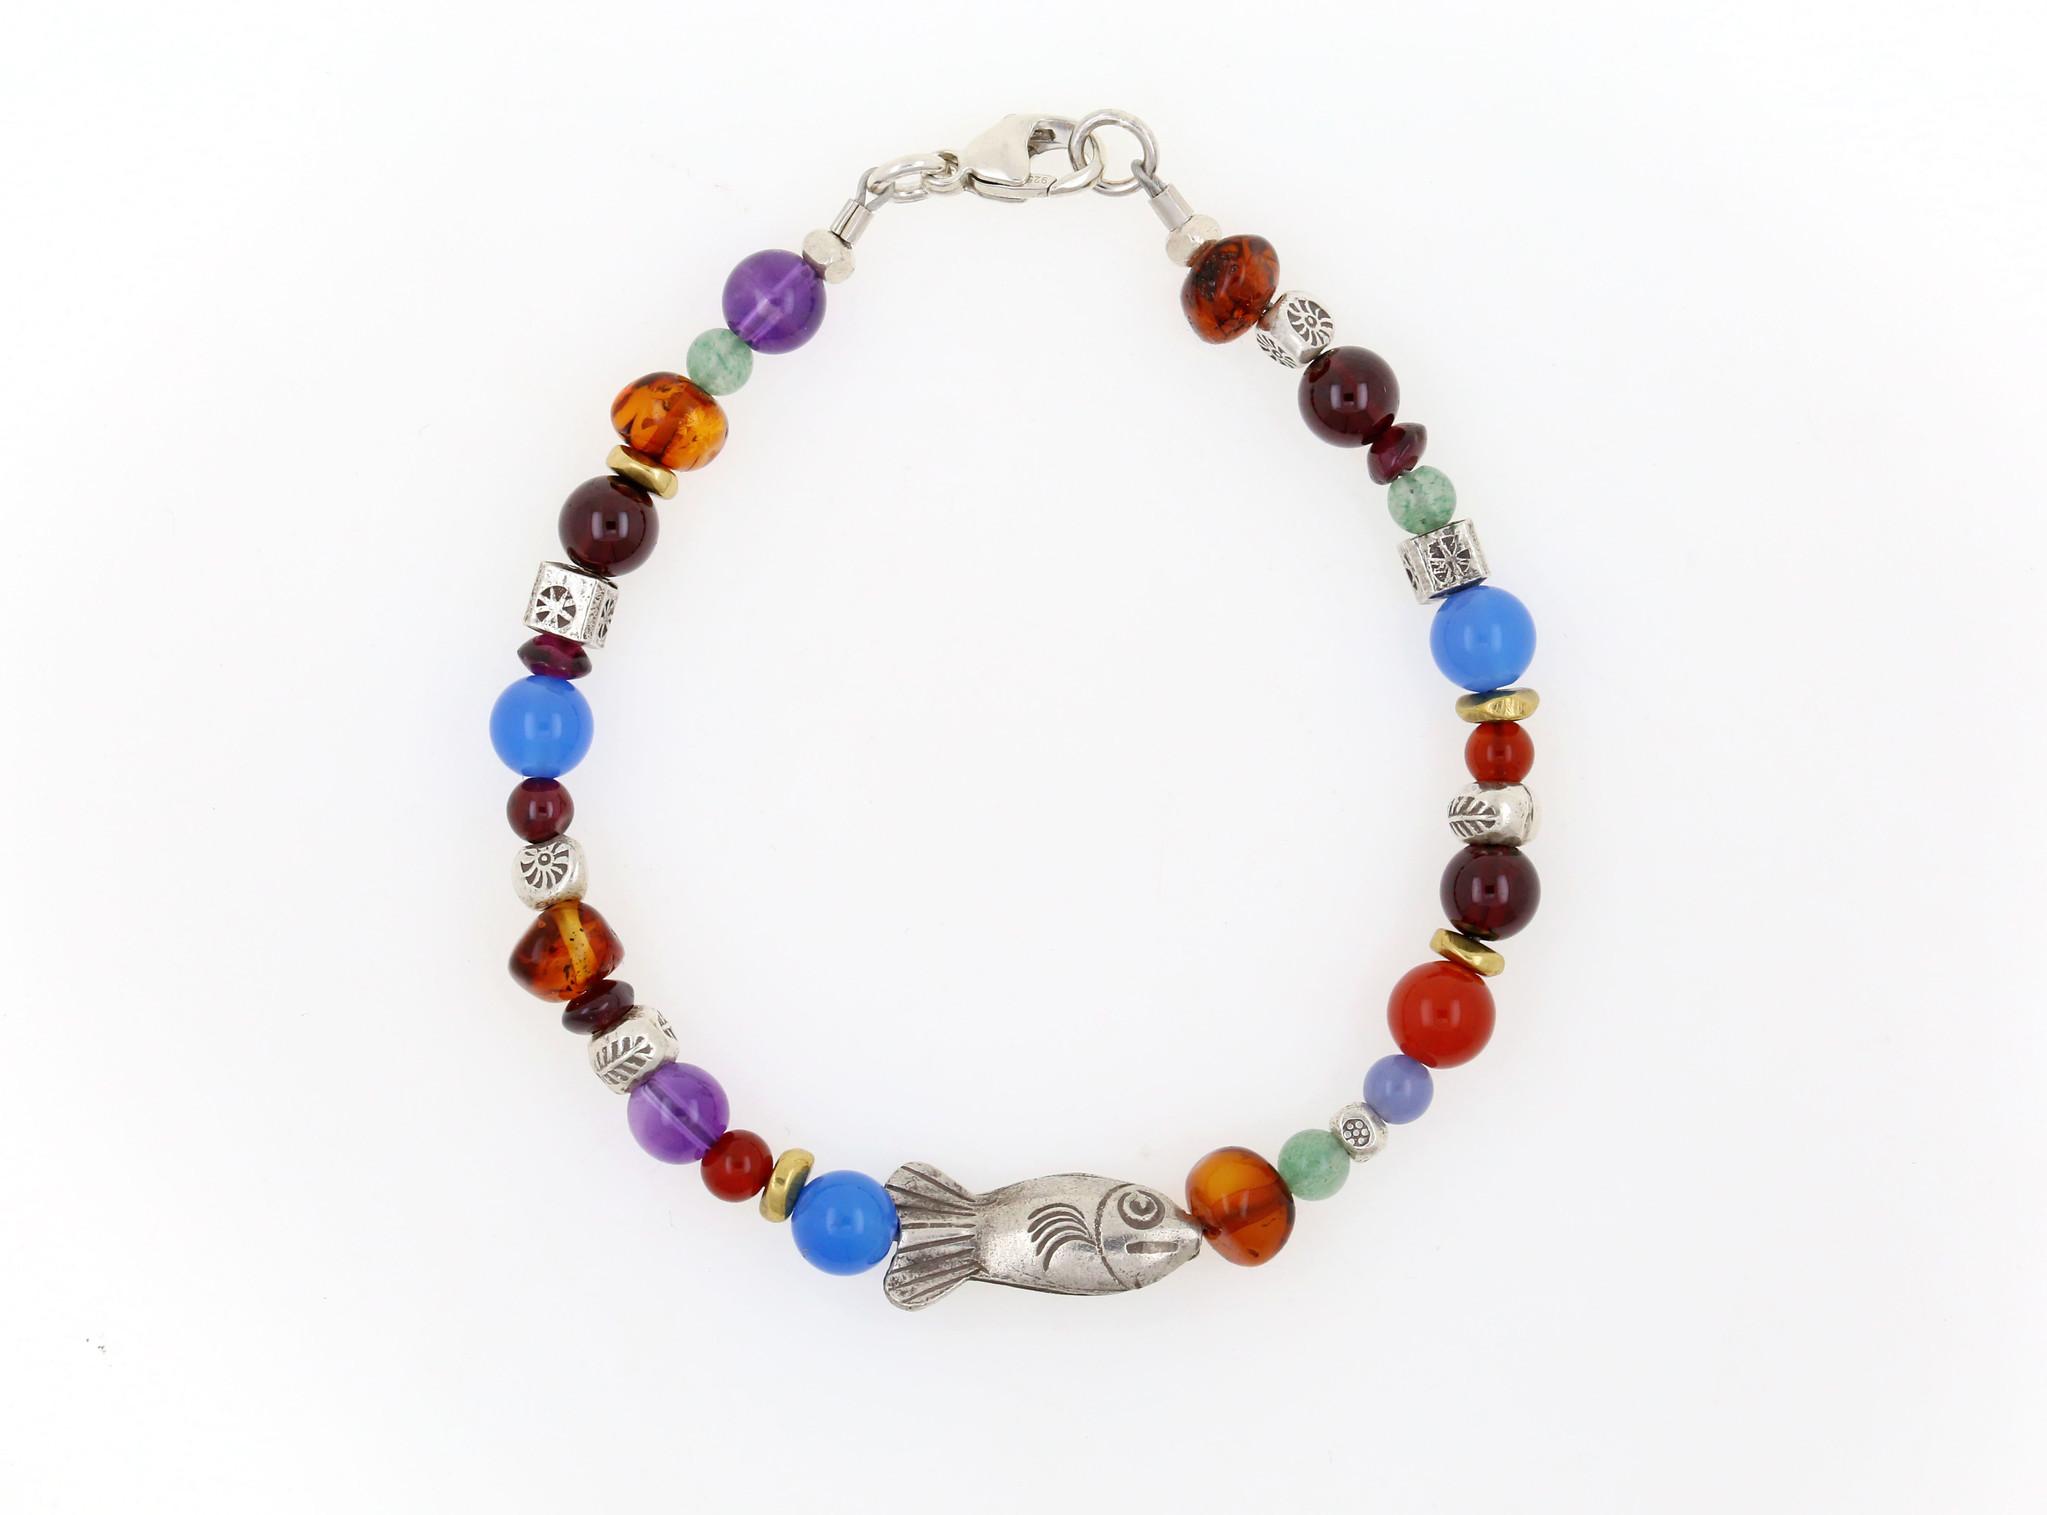 Handgemachtes Armband mit Silberfisch und Farbedelsteinen